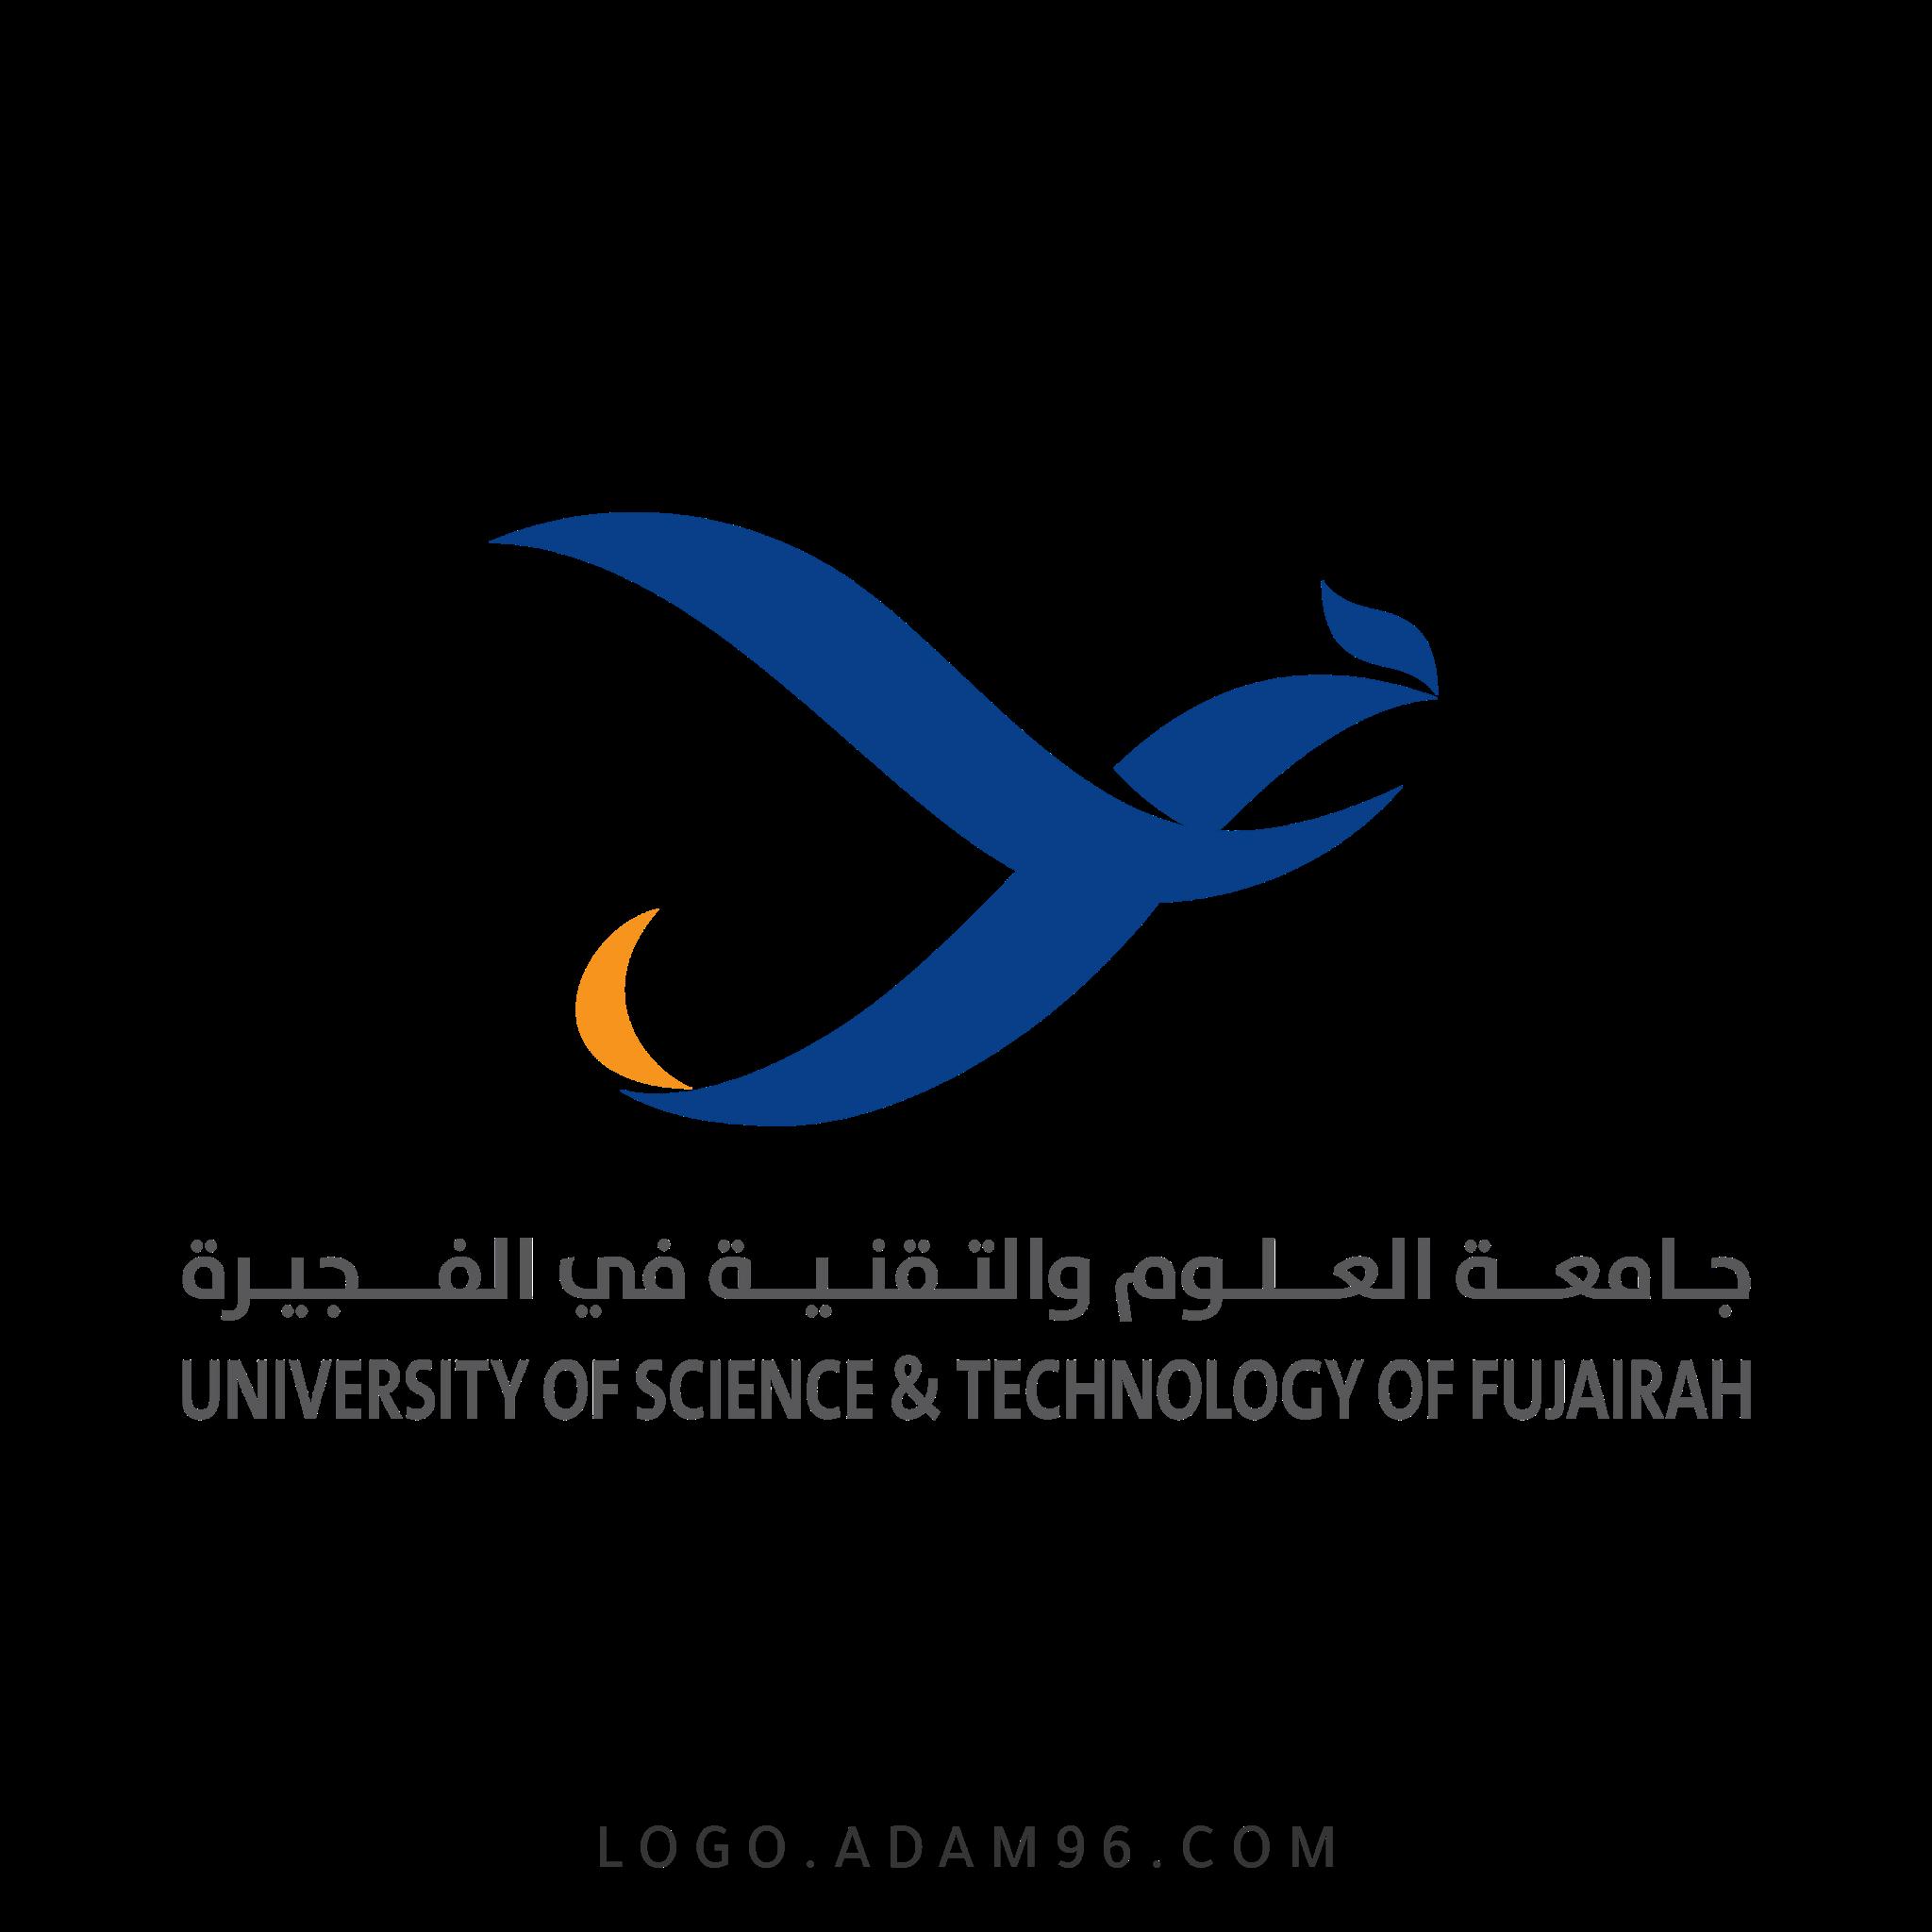 تحميل شعار الرسمي جامعة العلوم والتقنية في الفجيرة لوجو عالي الجودة بصيغة PNG